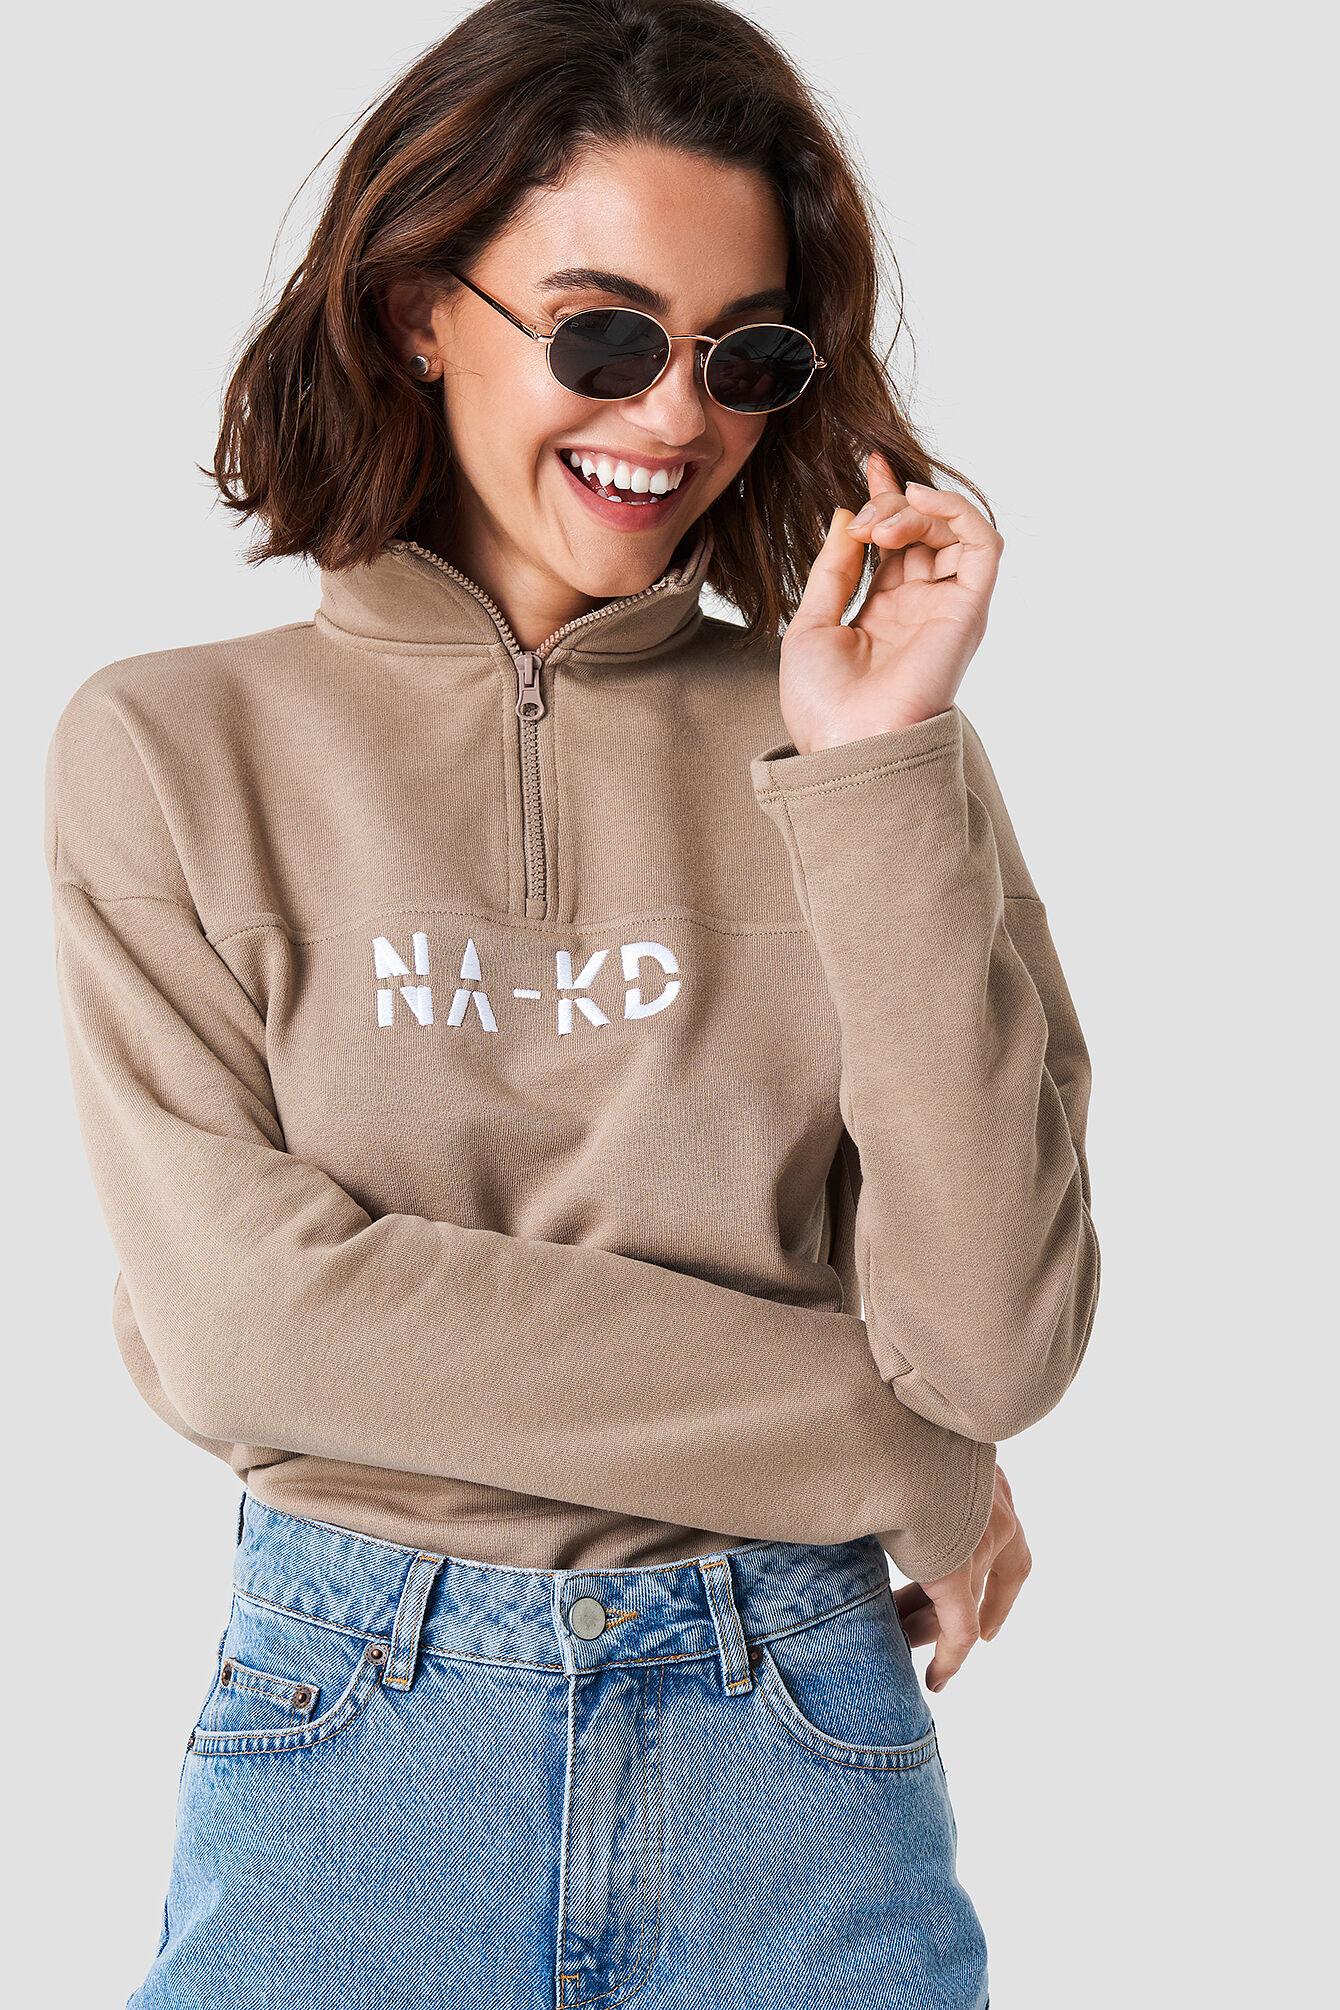 NA-KD Front Zipper Sweatshirt - Brown,Beige